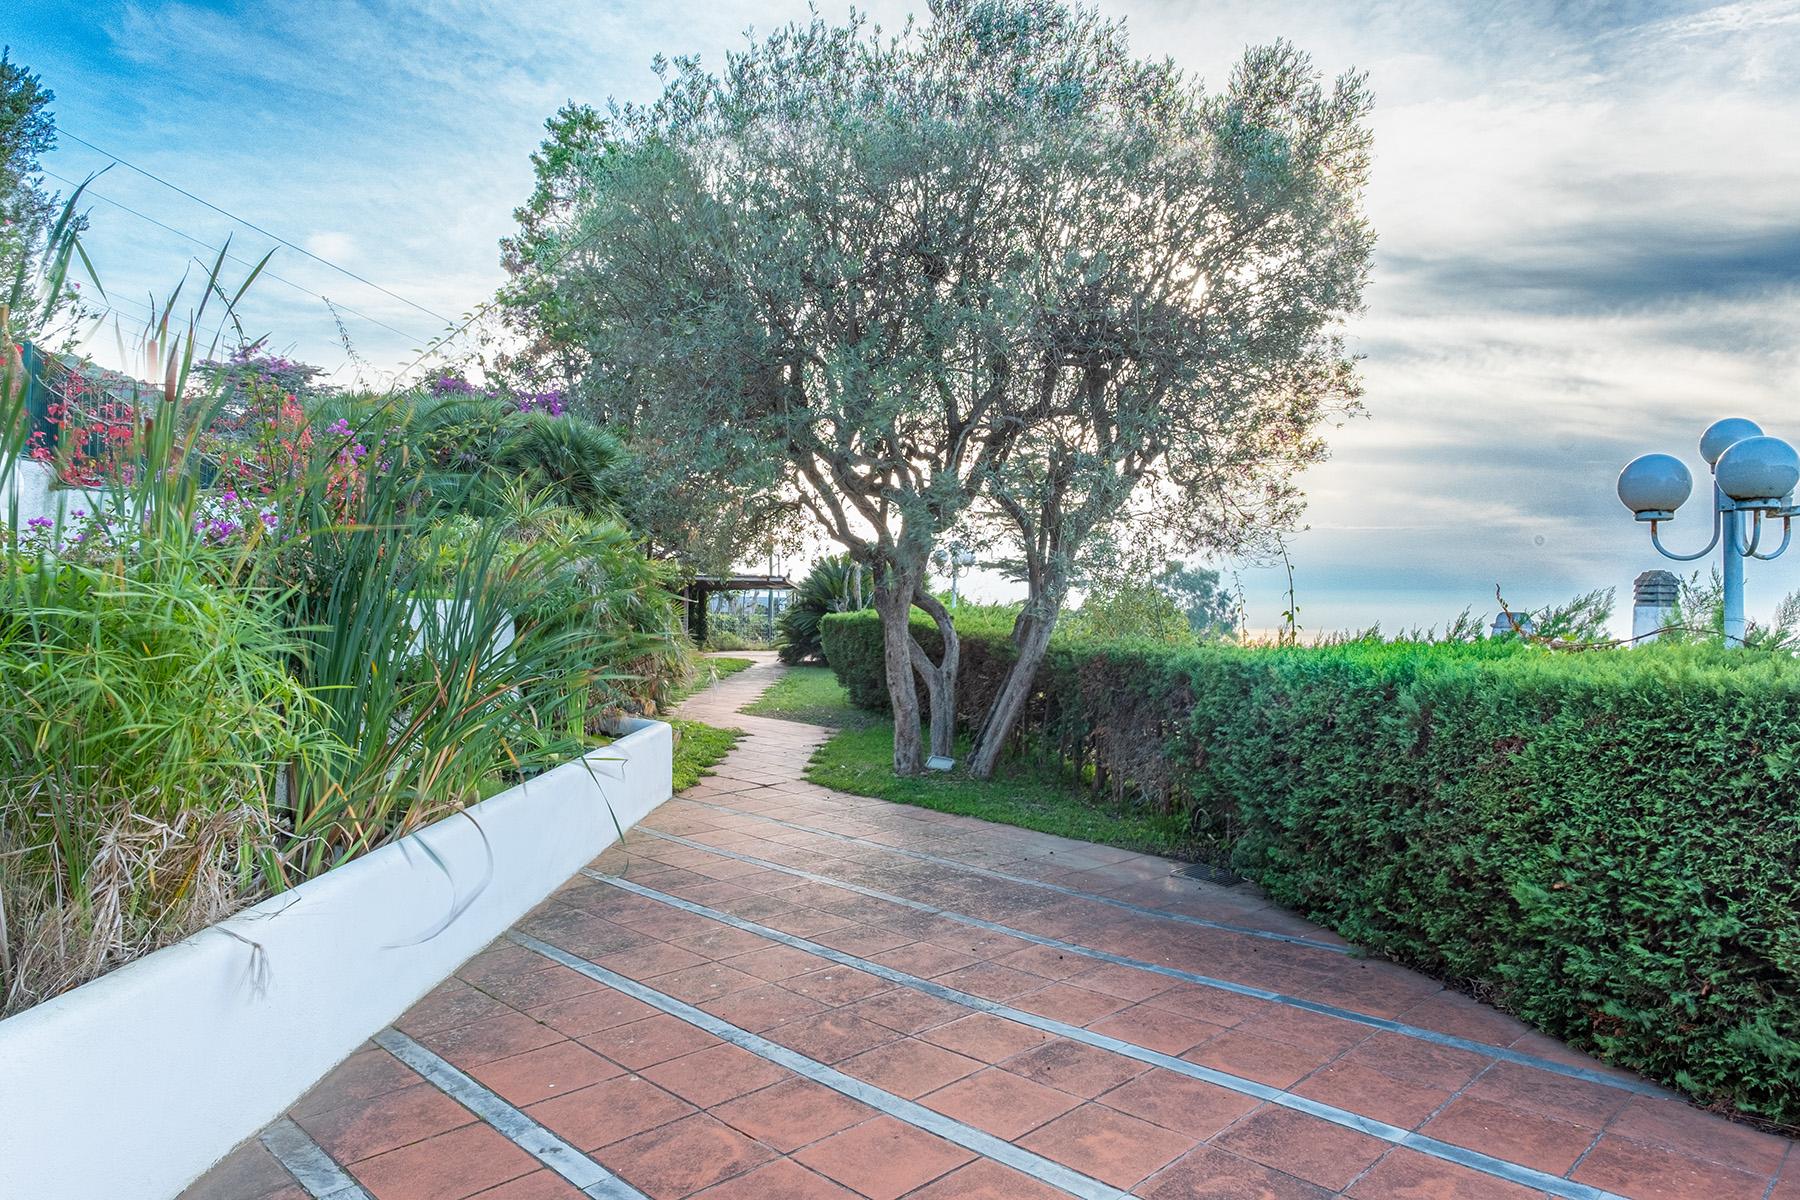 Villa in Vendita a Capri: 5 locali, 250 mq - Foto 13